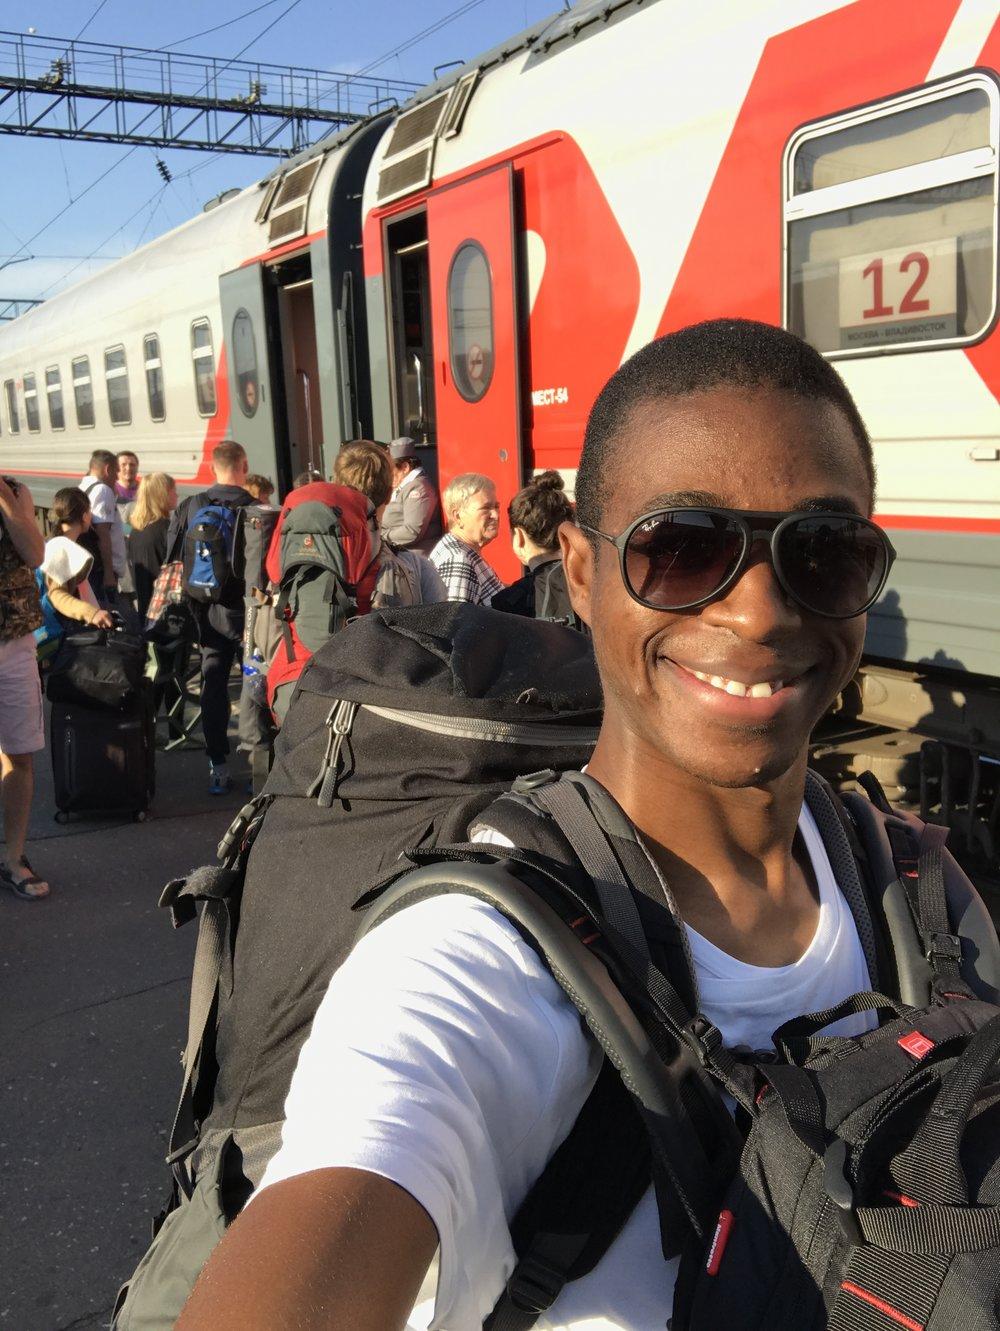 فرحة النزول من القطار ورؤية الشمس